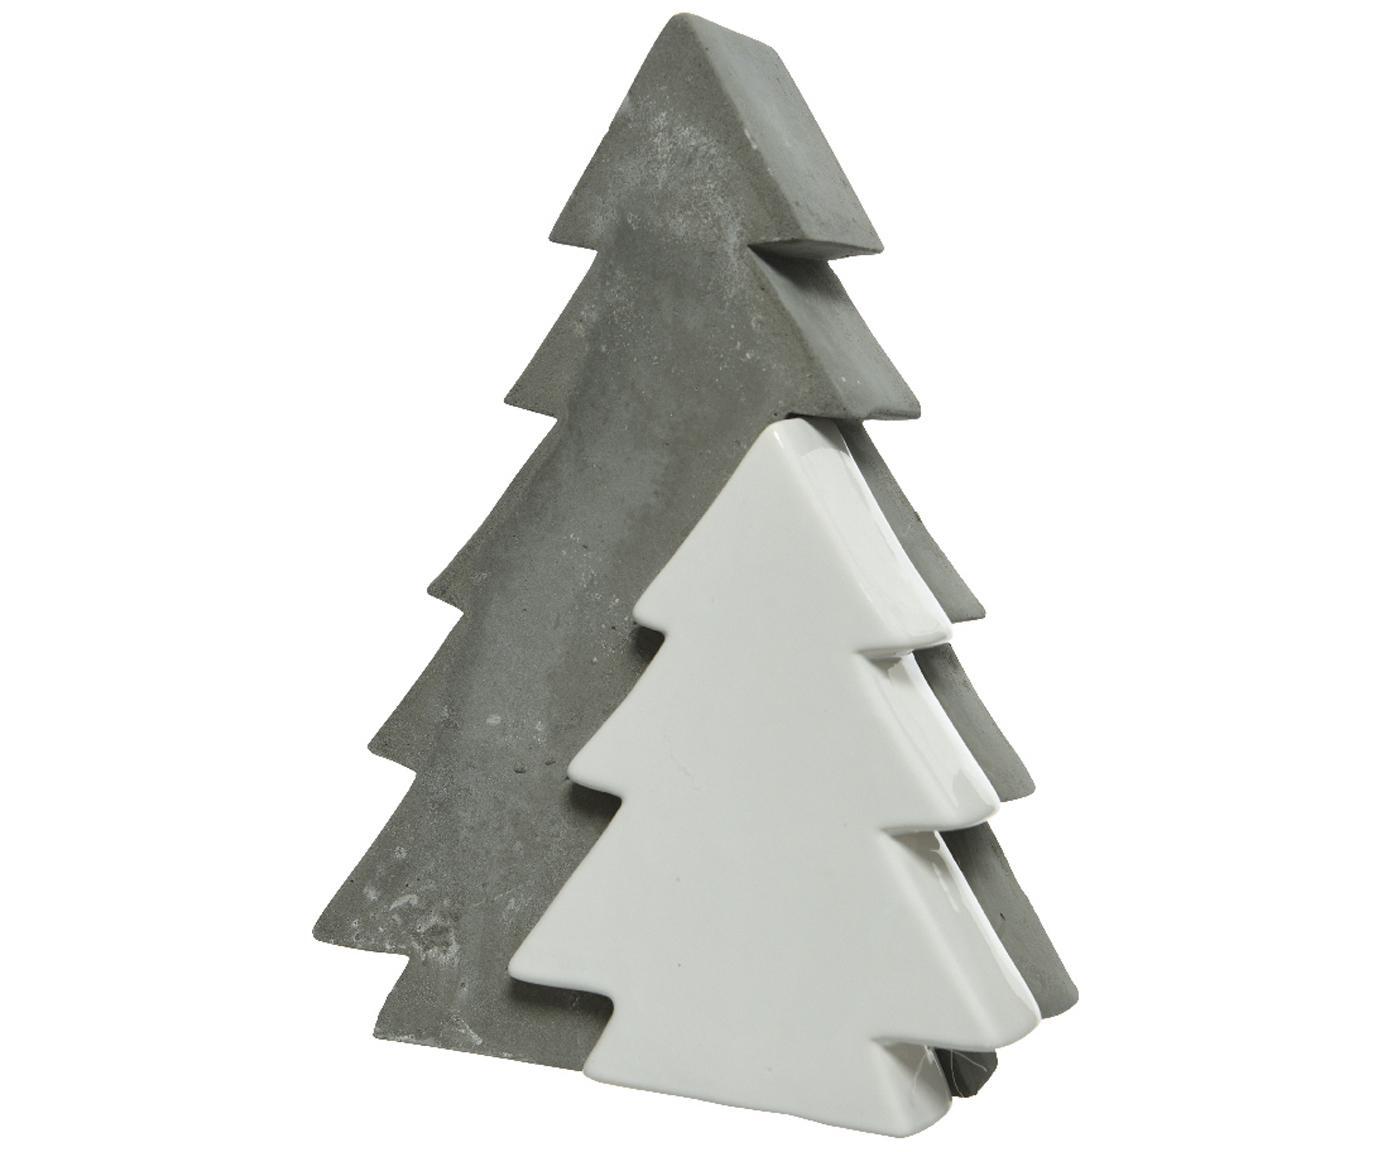 Deko-Objekt Joseph, Zement, teilweise beschichtet, Grau, Weiss, 14 x 22 cm